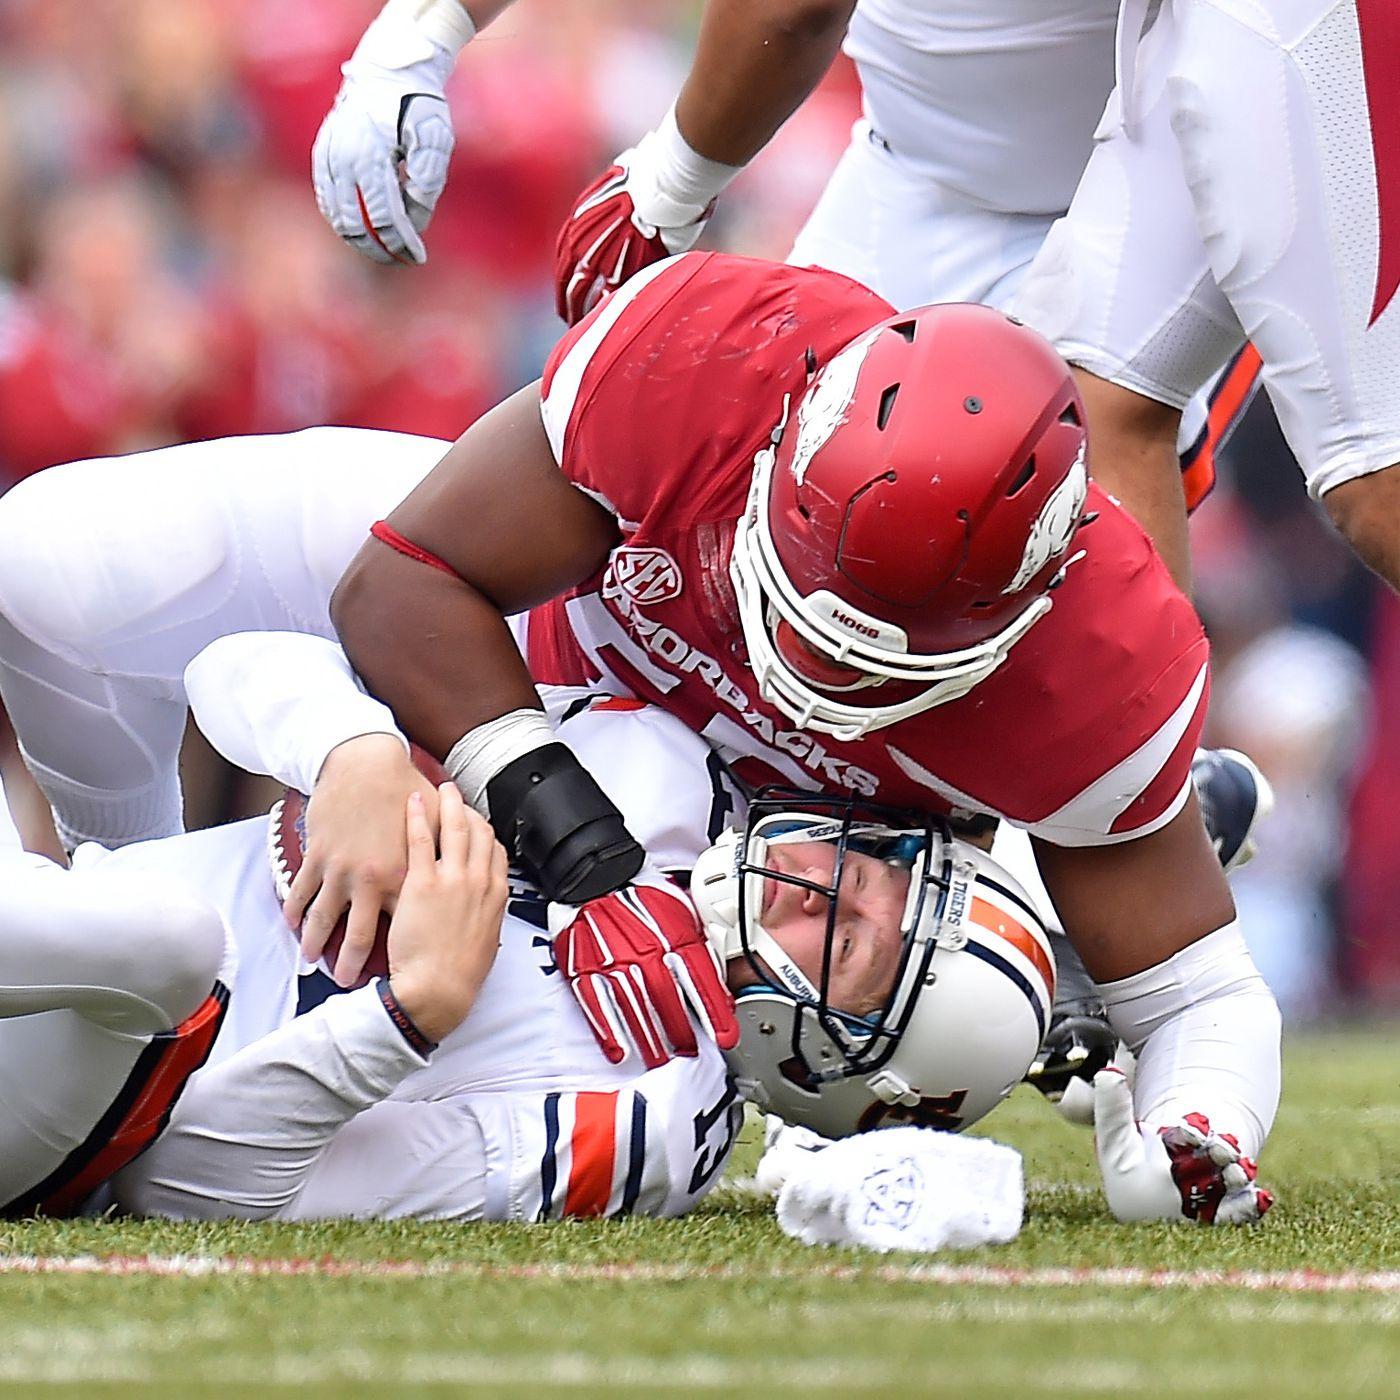 NFL Draft Update: Arkansas' Jeremiah Ledbetter Drafted by Detroit ...